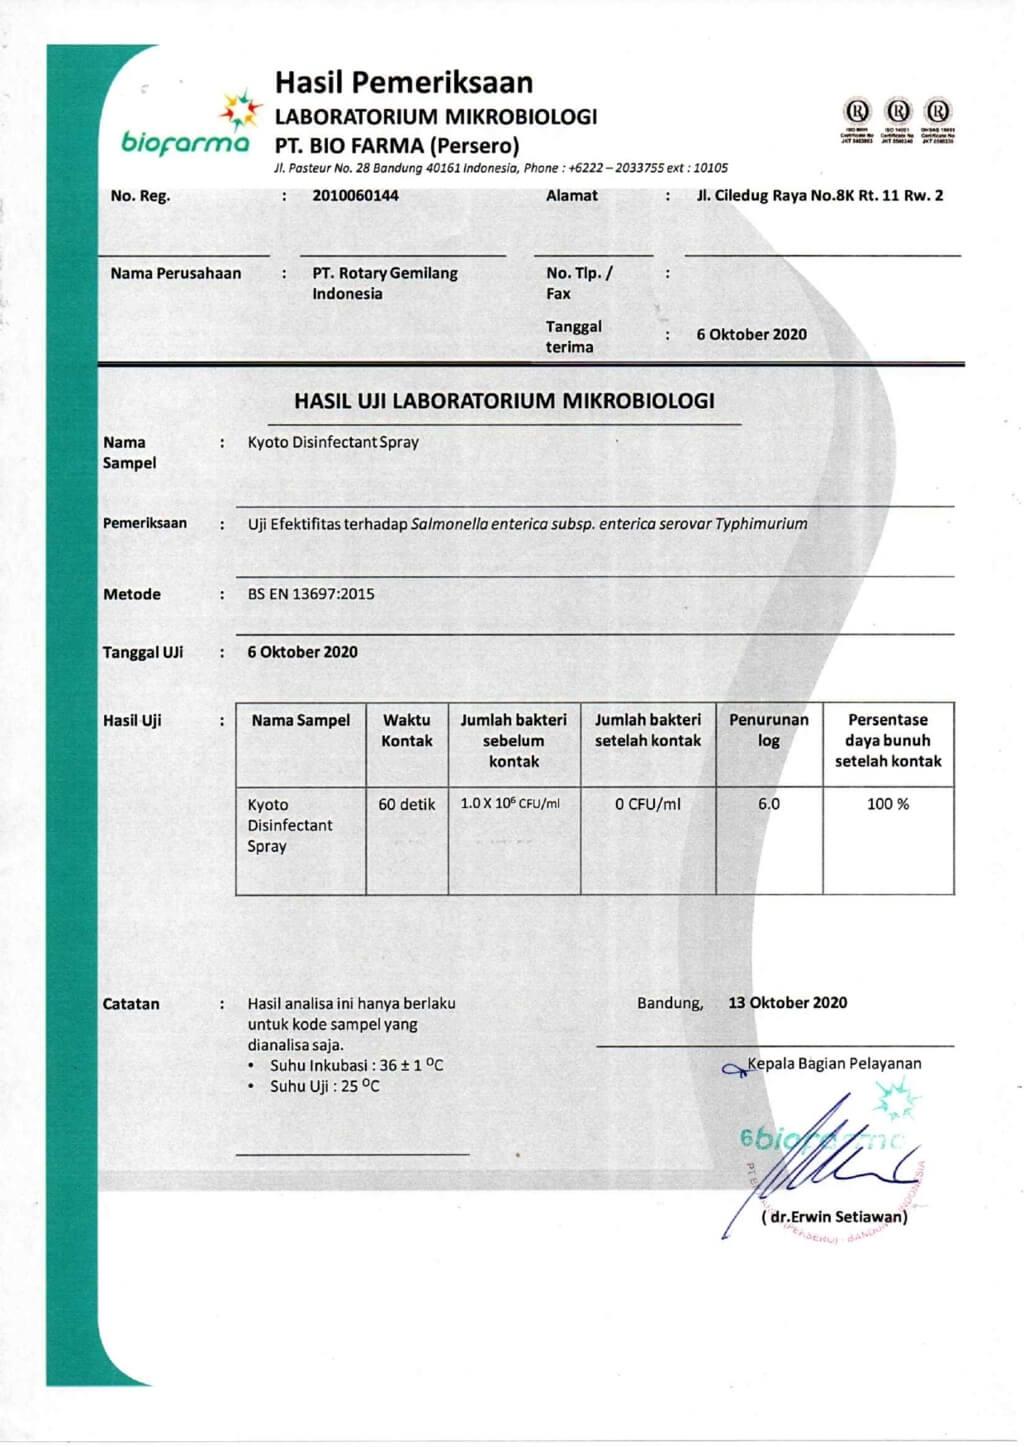 optimize- Hasil Lab Biofarma Aerosol_pages-to-jpg-0004